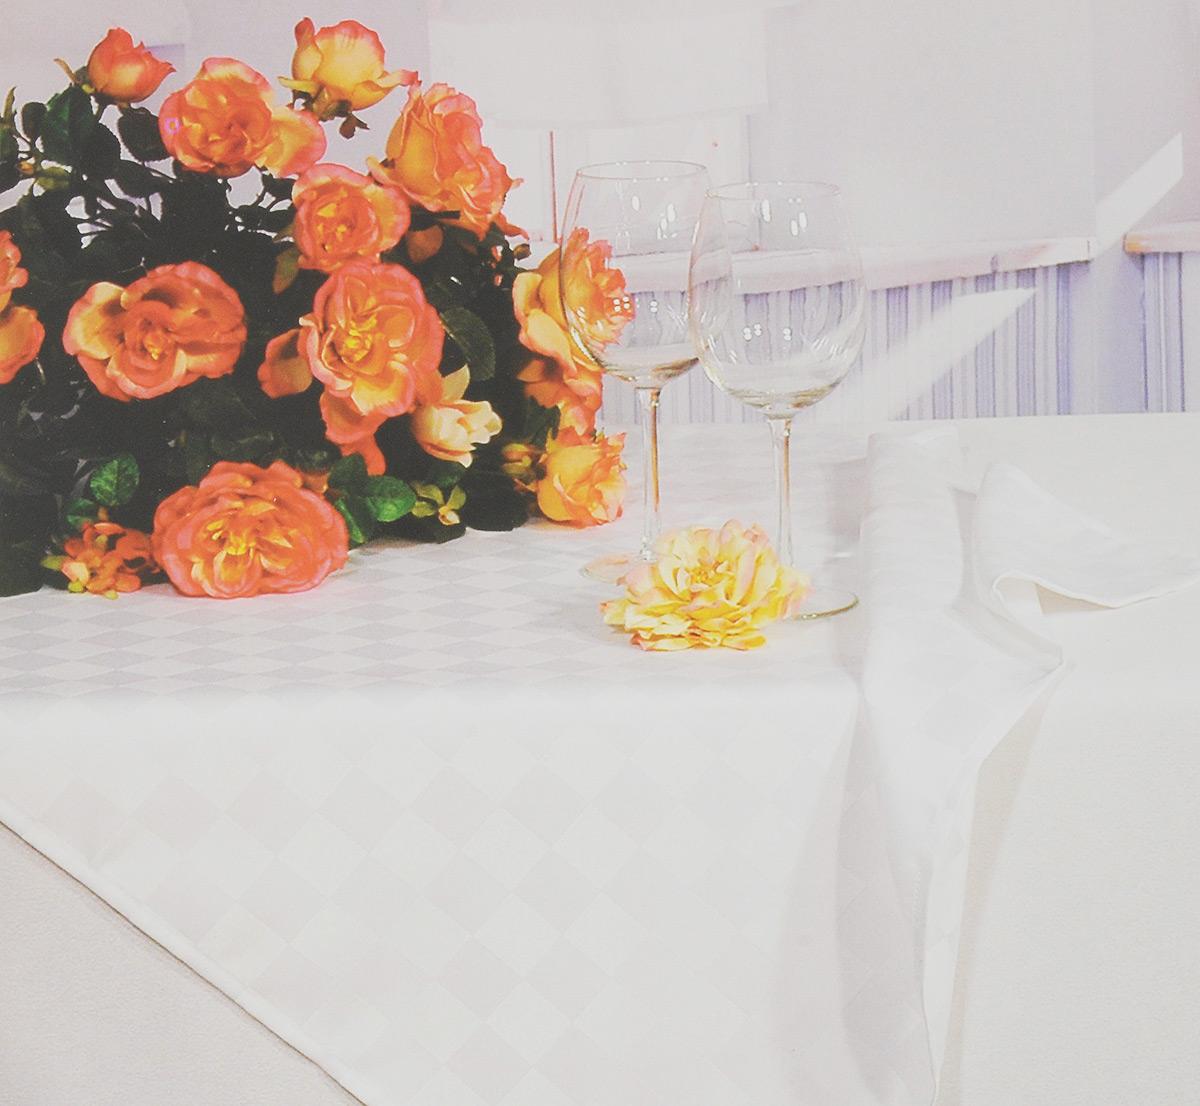 Скатерть Schaefer, прямоугольная, цвет: белый, 130 x 160 см. 4169/FB.014169/FB.01 Скатерть, 130*160 смПрямоугольная скатерть Schaefer, выполненная из полиэстера с оригинальным рисунком, станет изысканным украшением кухонного стола. За текстилем из полиэстера очень легко ухаживать: он не мнется, не садится и быстро сохнет, легко стирается, более долговечен, чем текстиль из натуральных волокон.Использование такой скатерти сделает застолье торжественным, поднимет настроение гостей и приятно удивит их вашим изысканным вкусом. Также вы можете использовать эту скатерть для повседневной трапезы, превратив каждый прием пищи в волшебный праздник и веселье. Это текстильное изделие станет изысканным украшением вашего дома!